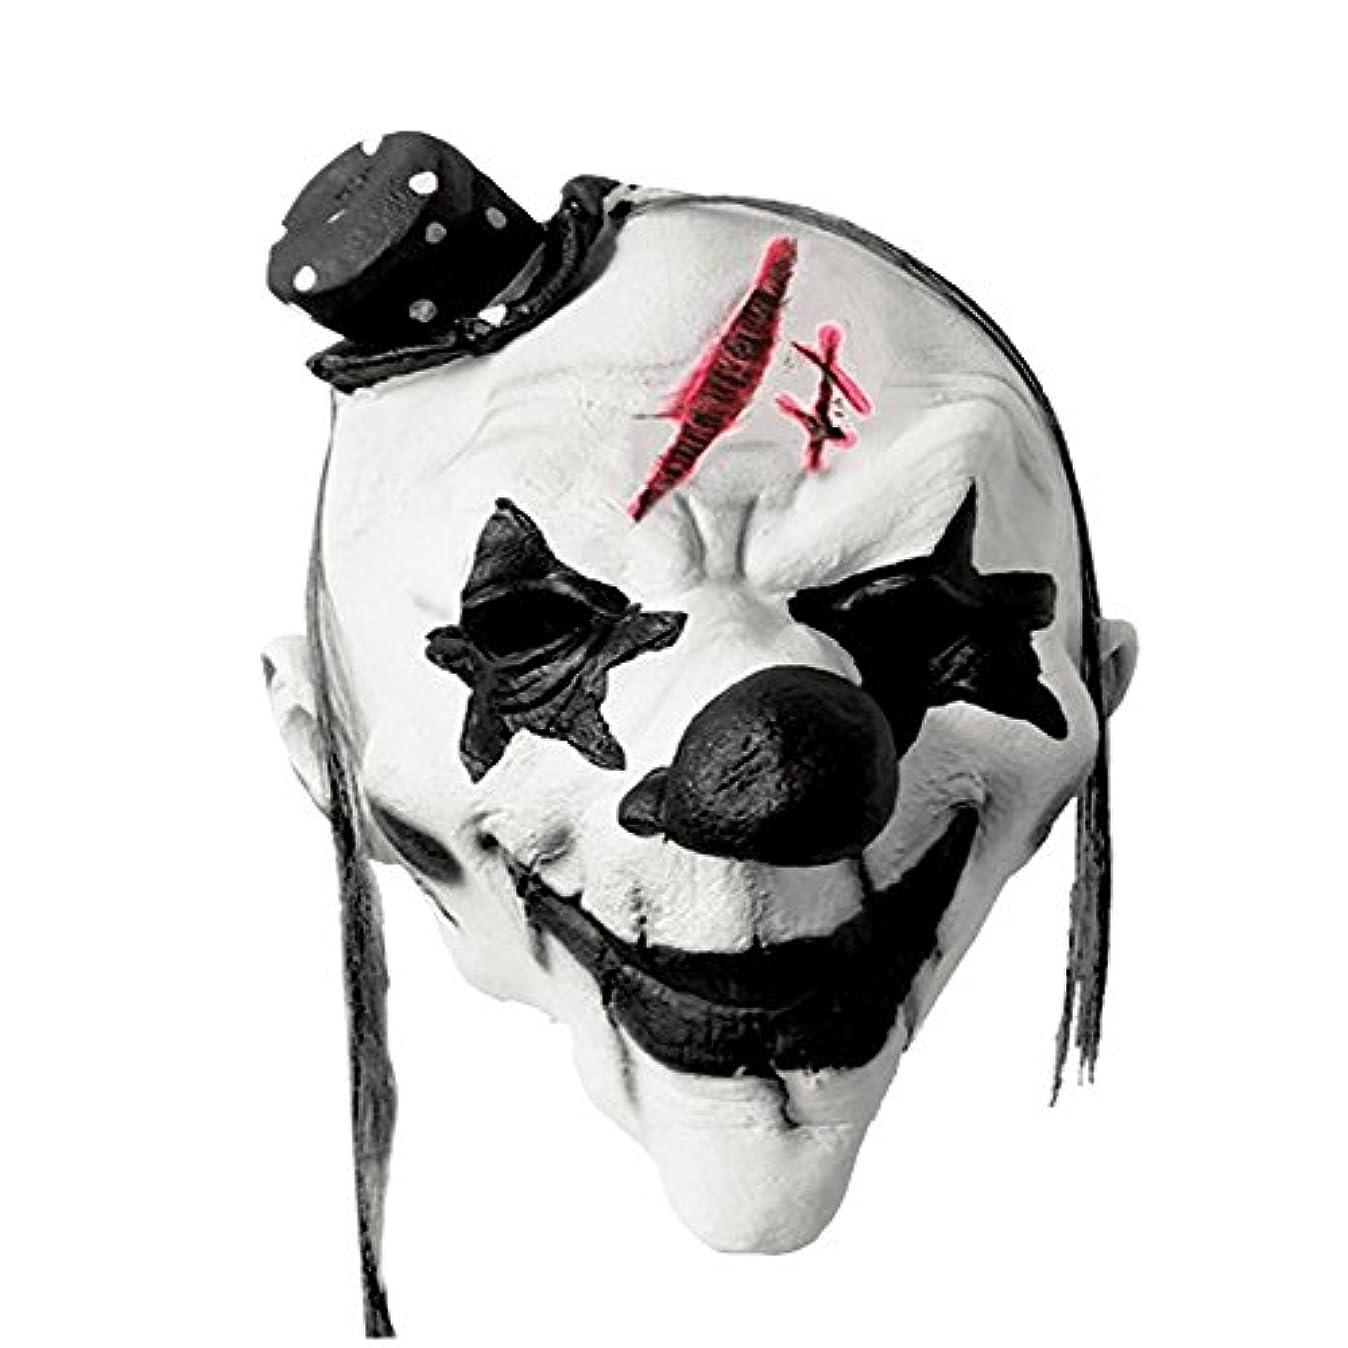 堀冒険子孫ハロウィーンの白黒の道化師のマスク/偽装のホラーマスクのプロムパフォーマンスショーは小道具の道化師のマスクをドレスアップ